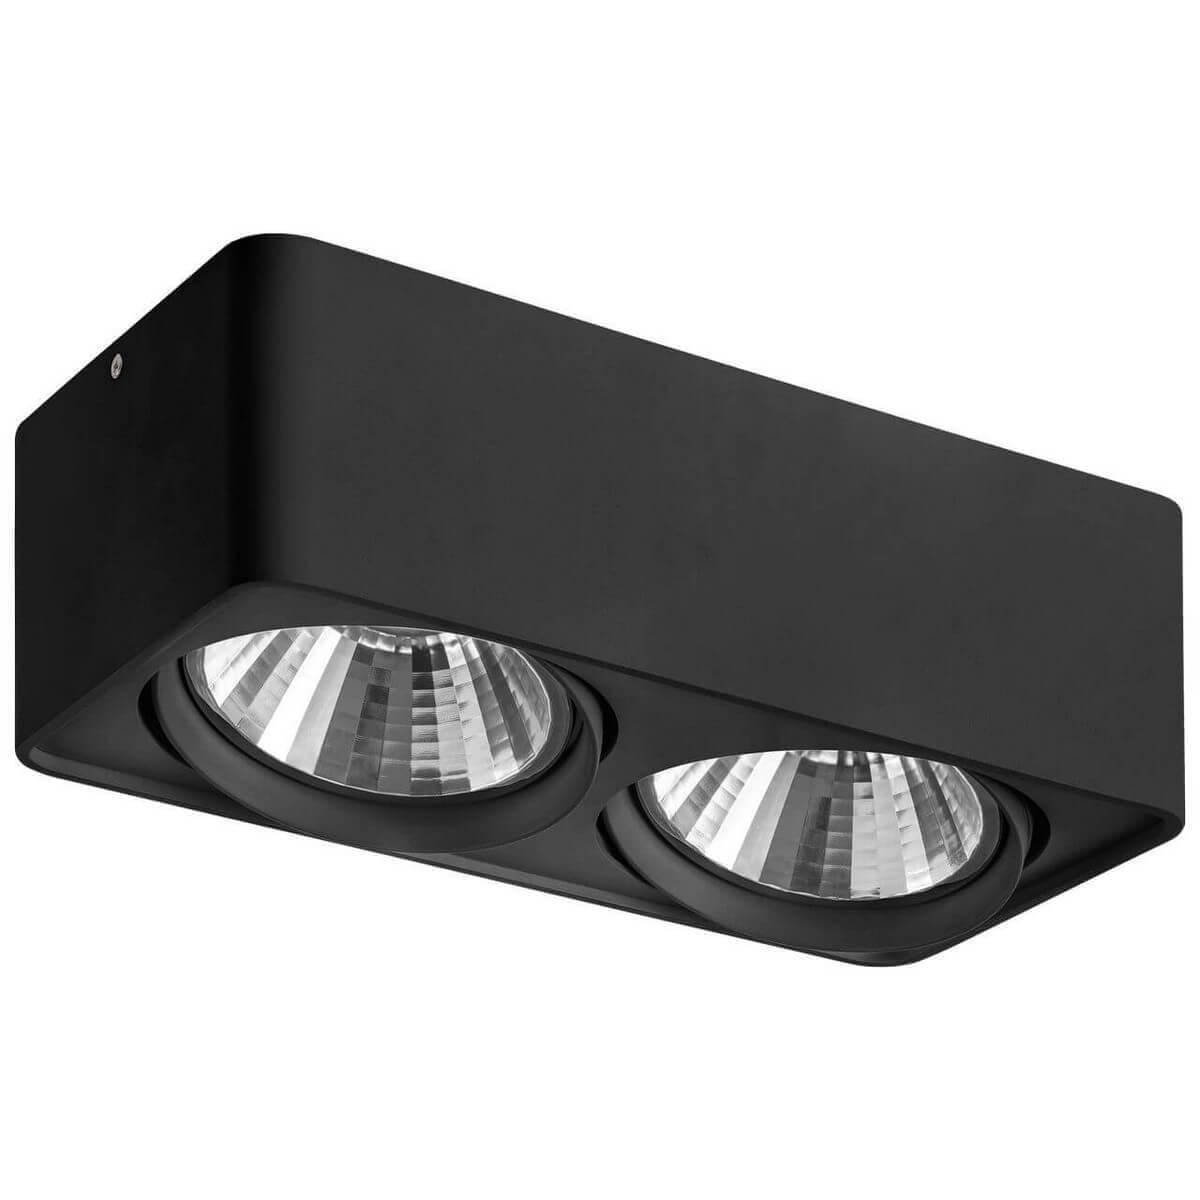 Светильник Lightstar 212627 Monocco (к светильнику подойдут лампы типоразмера AR111) фото